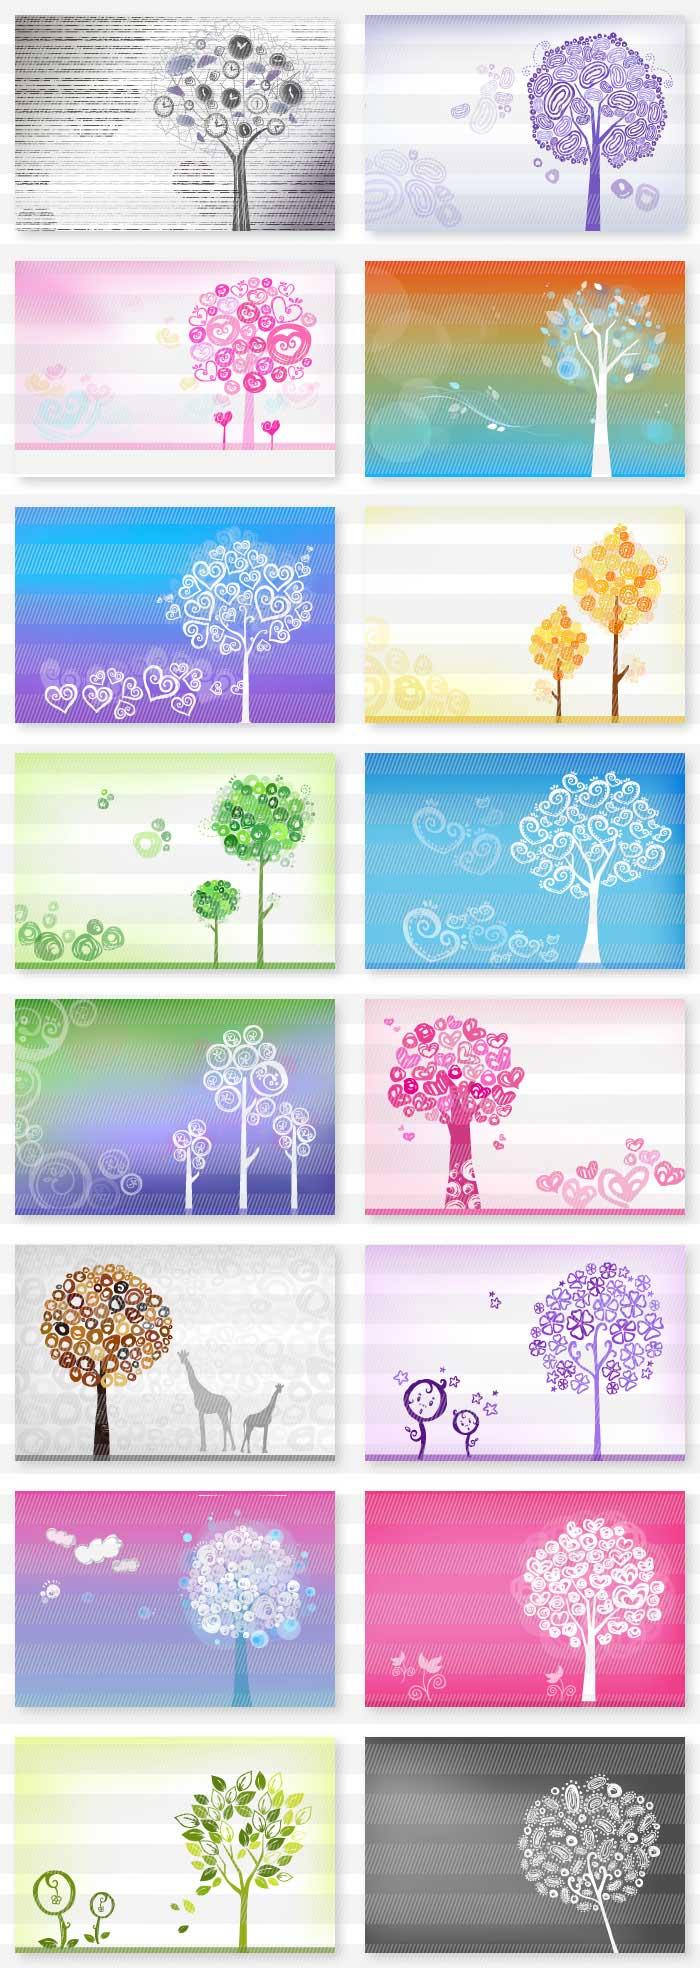 木・樹木の背景素材